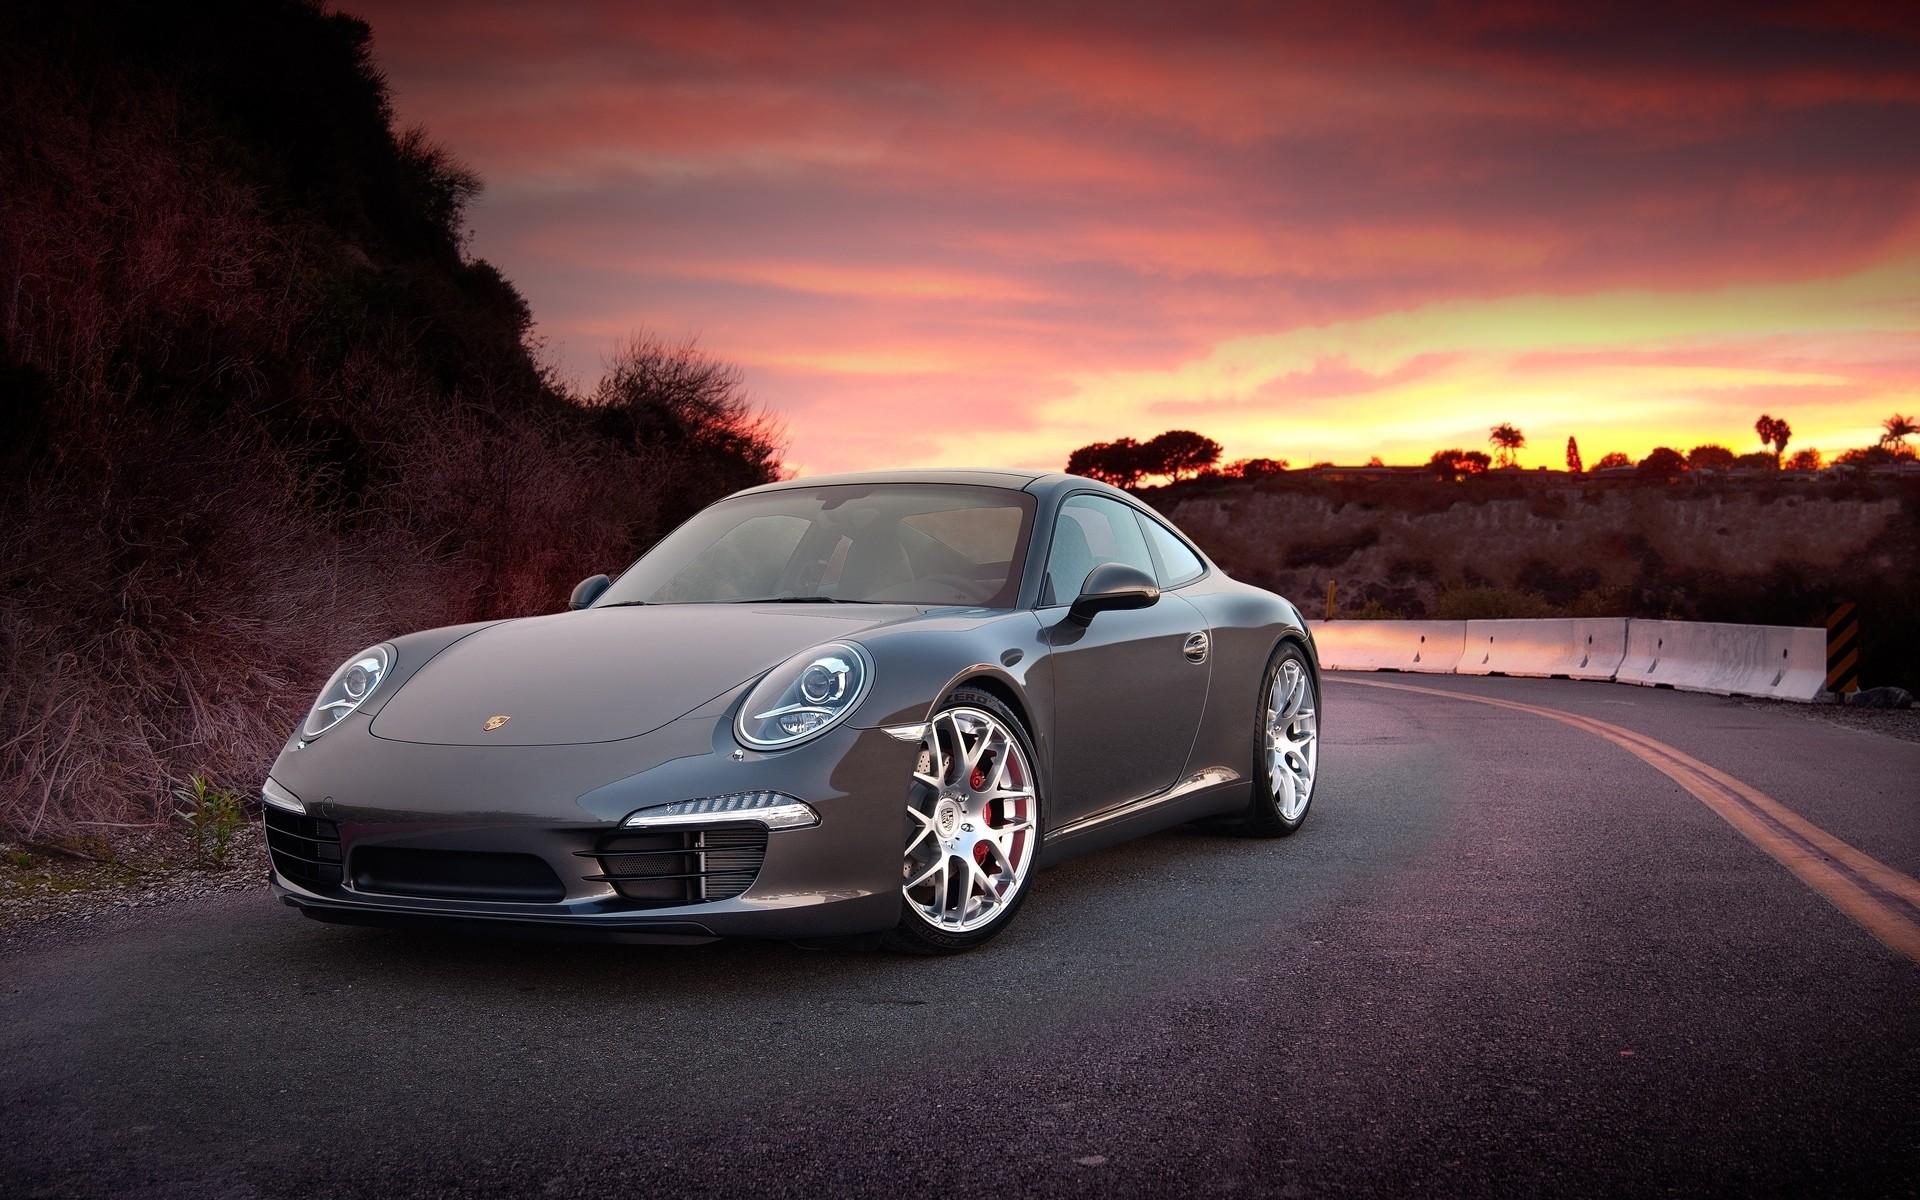 Porsche Wallpapers, Hintergründe     ID:257698